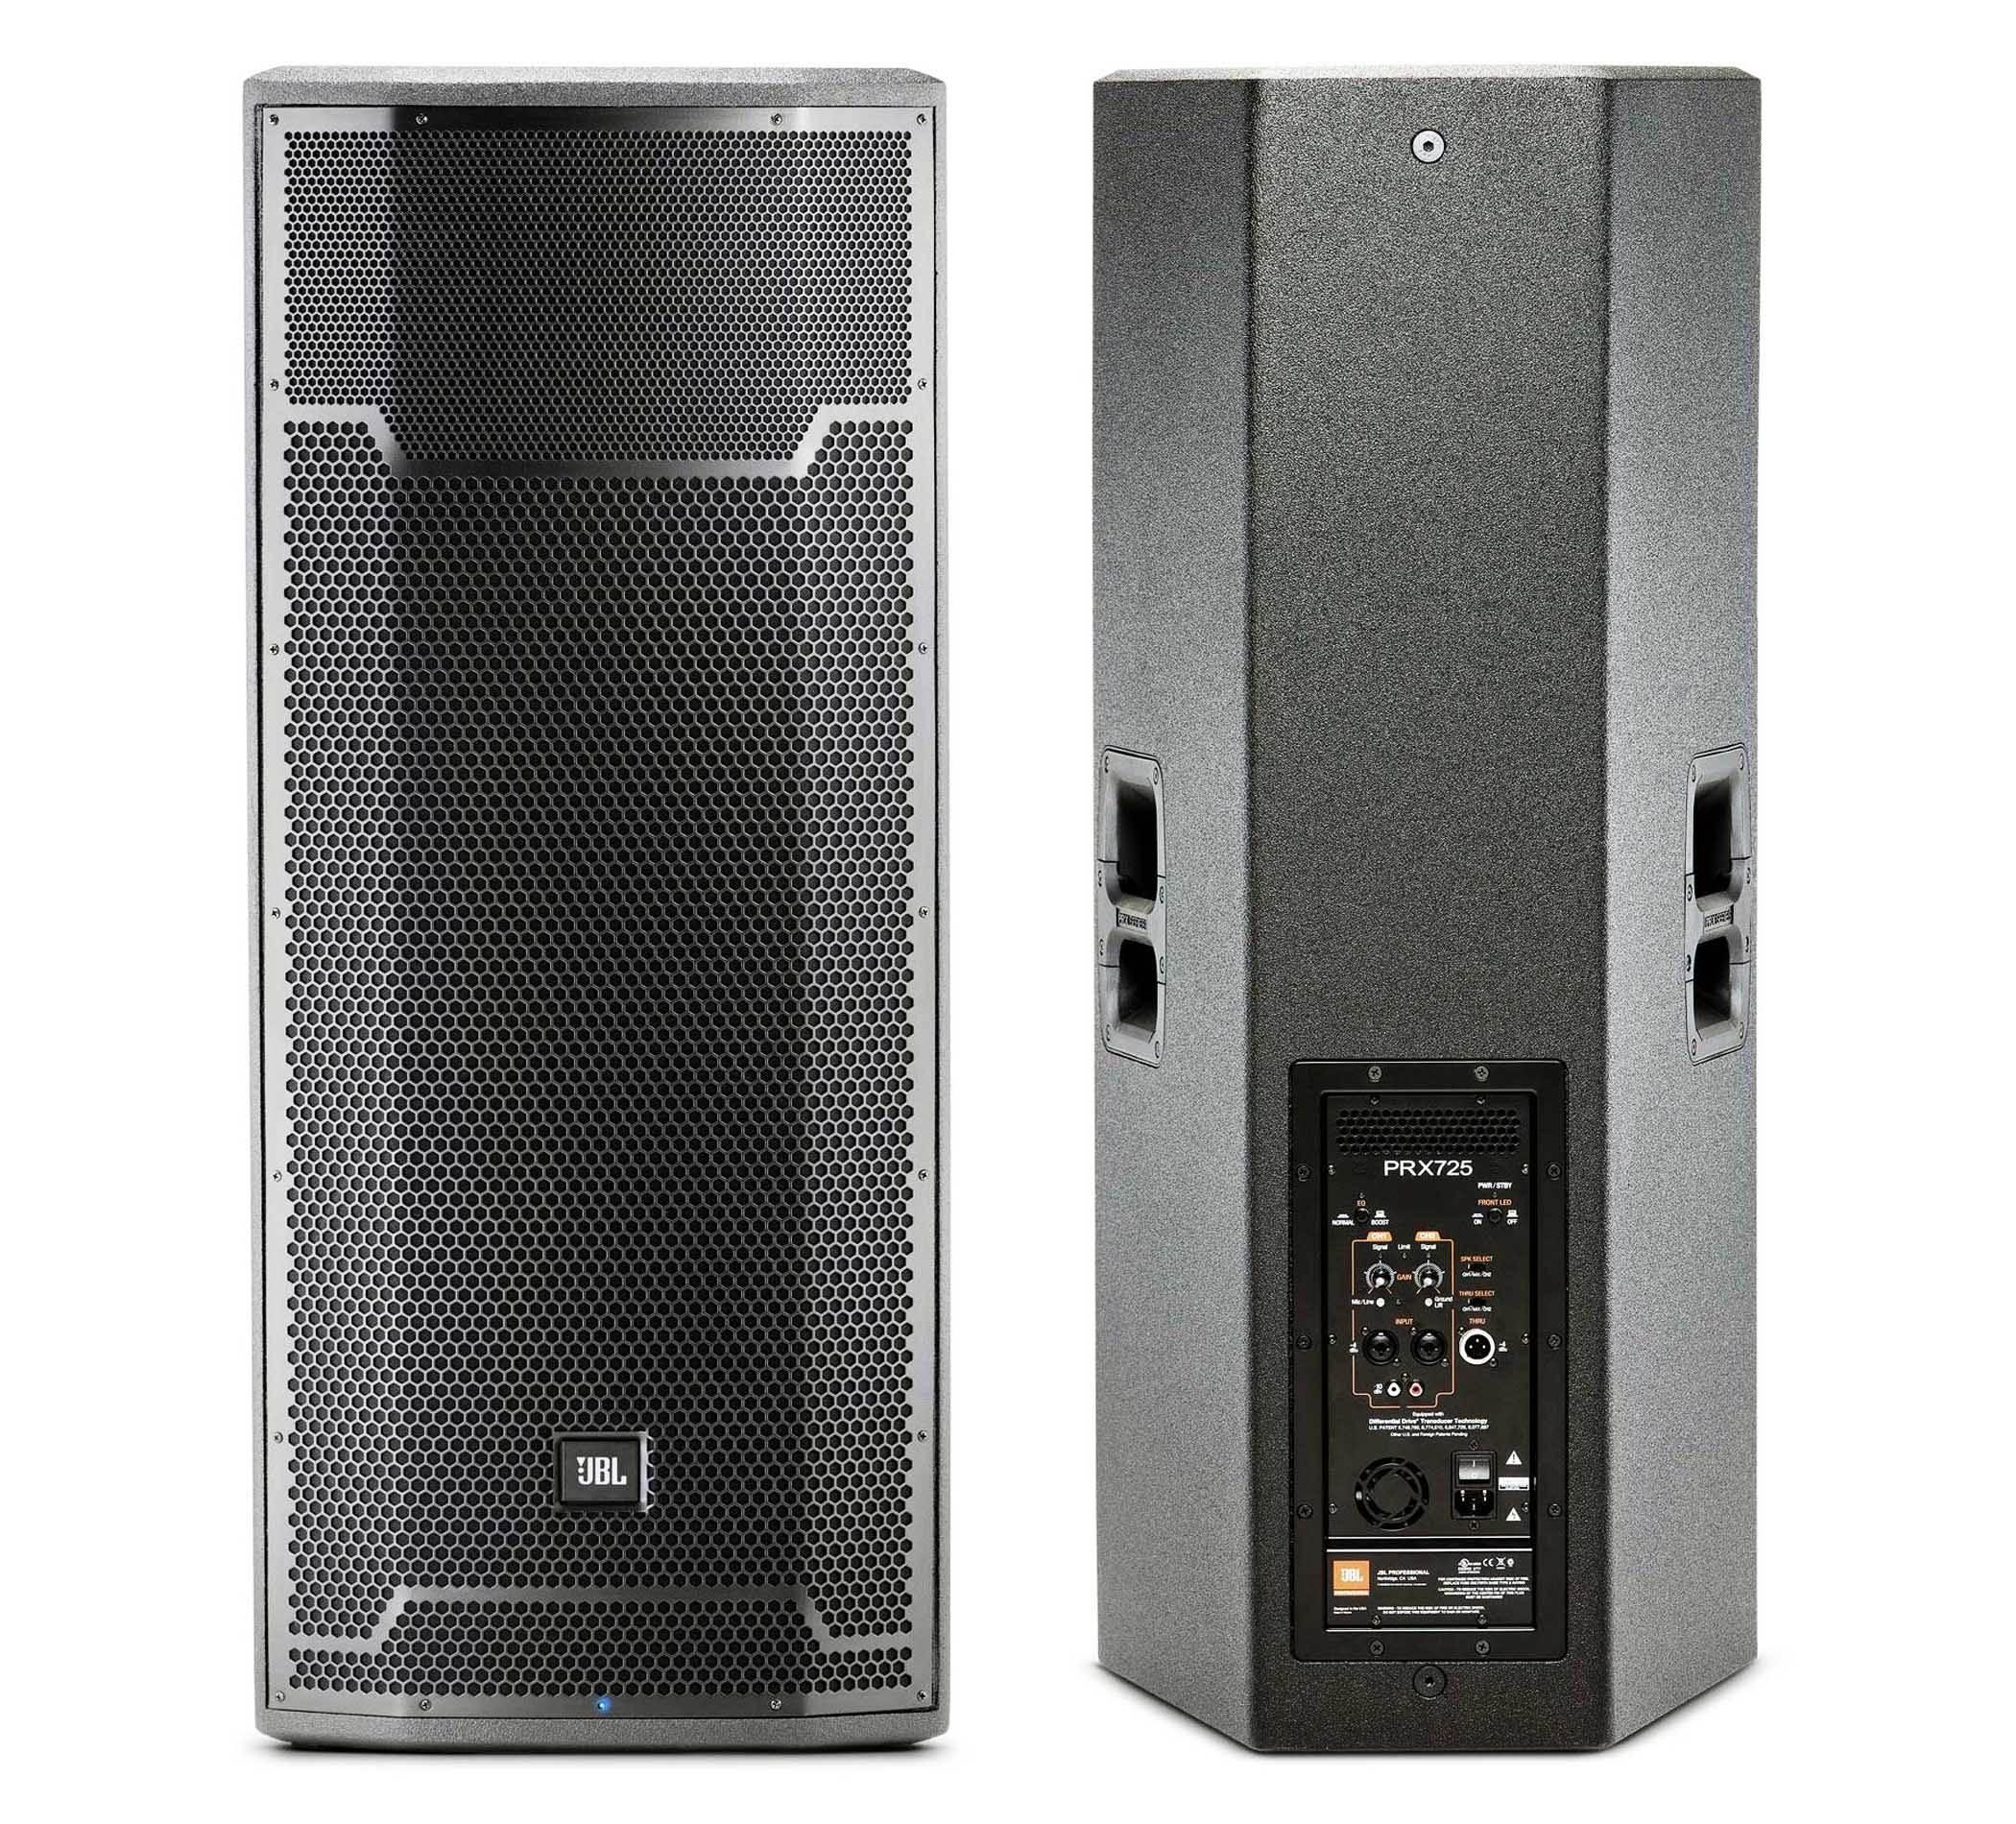 باند و ساب های اکتیو حرفه ای ساخت کمپانی JBL ( جی بی ال ) سری PRX 700